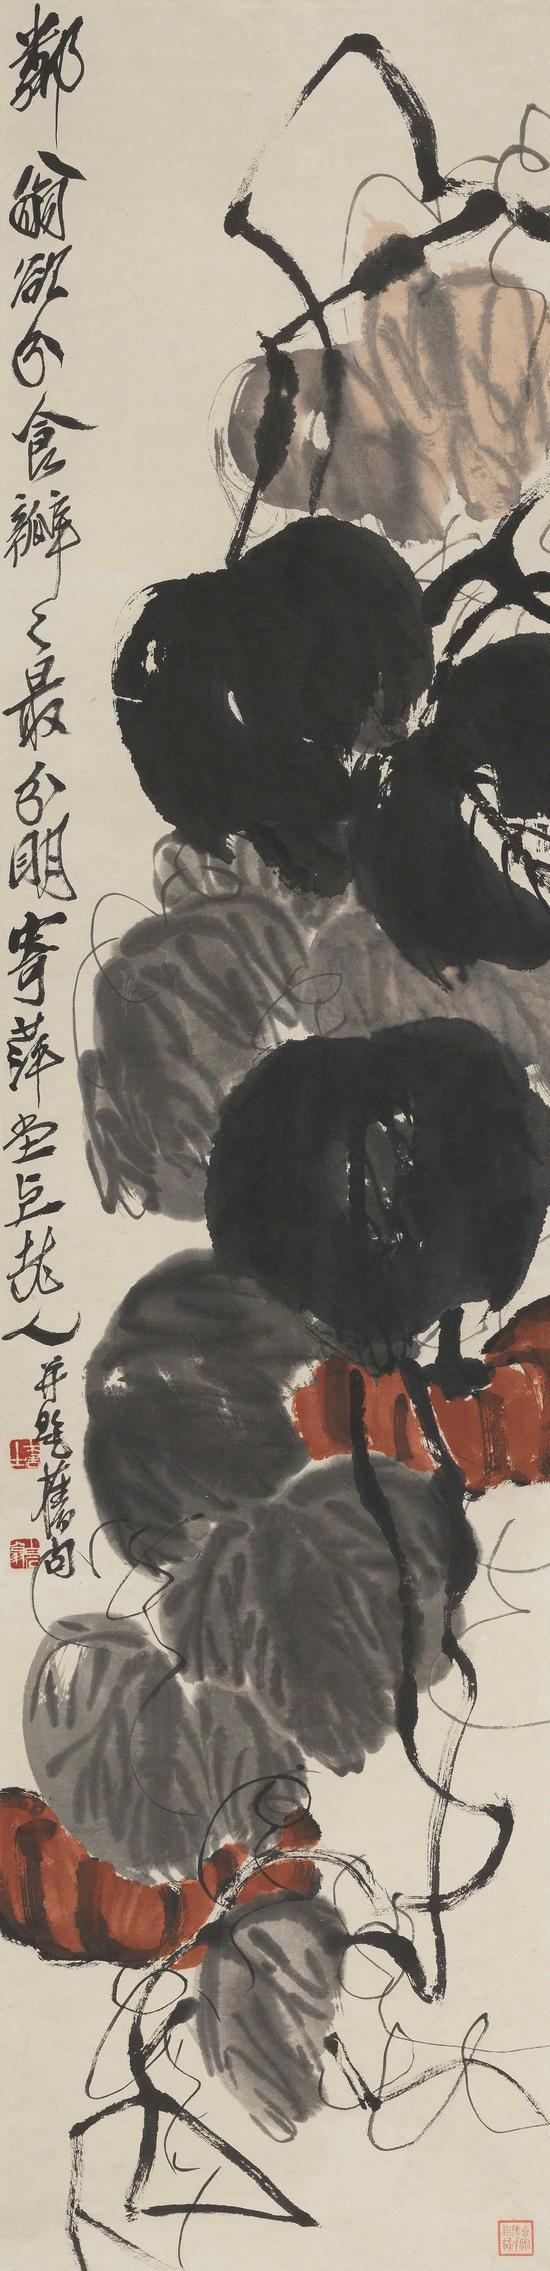 齐白石 瓜秧绵延    纸本立轴    尺寸:135×32.5cm